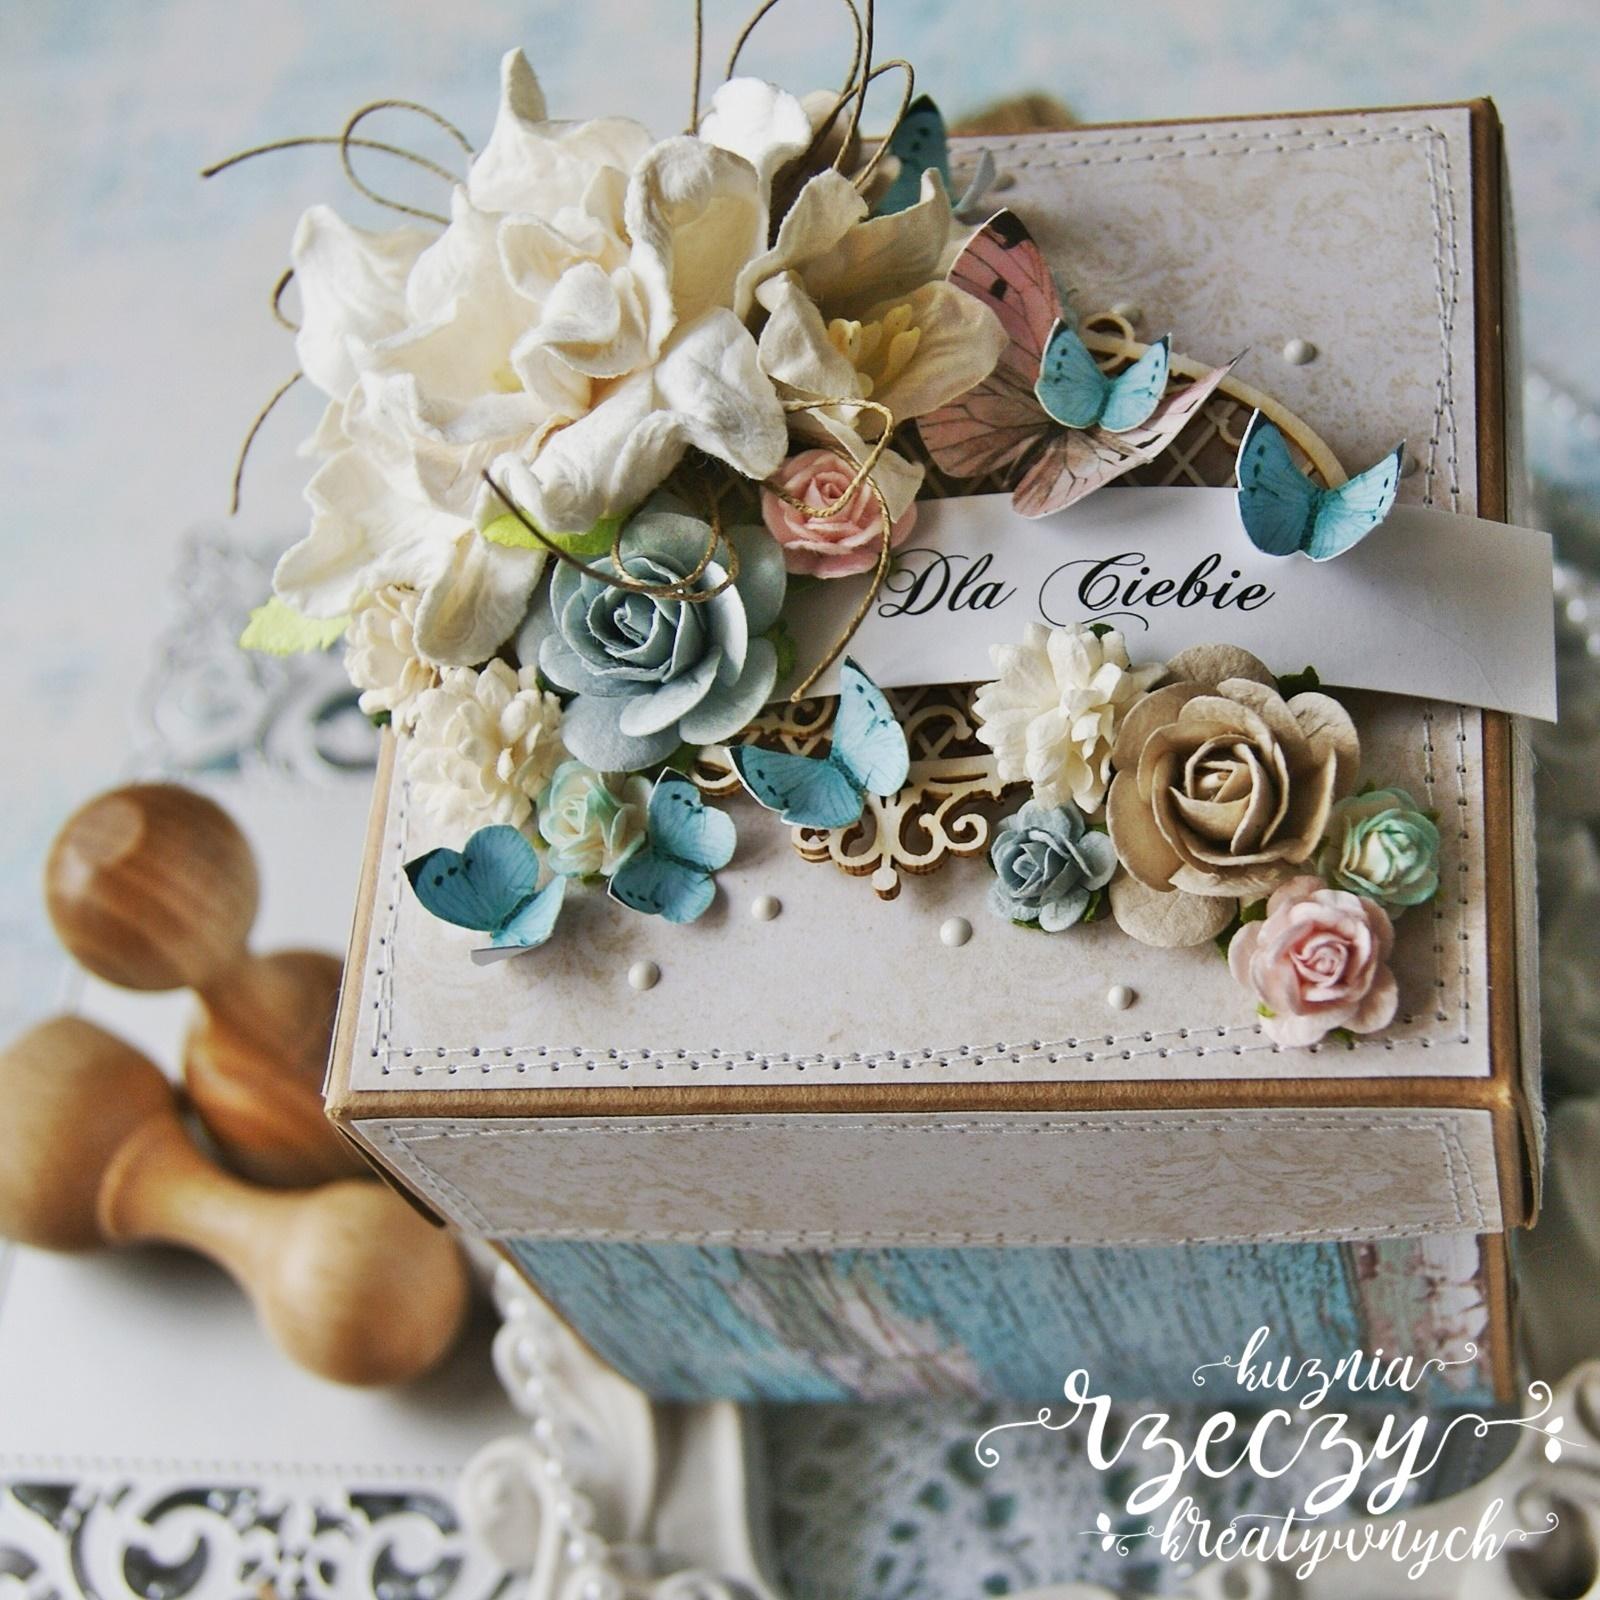 Wyjątkowy i kreatywny exploding box przygotowany z papierów Nie zapomnij mnie (Do Not Forget).